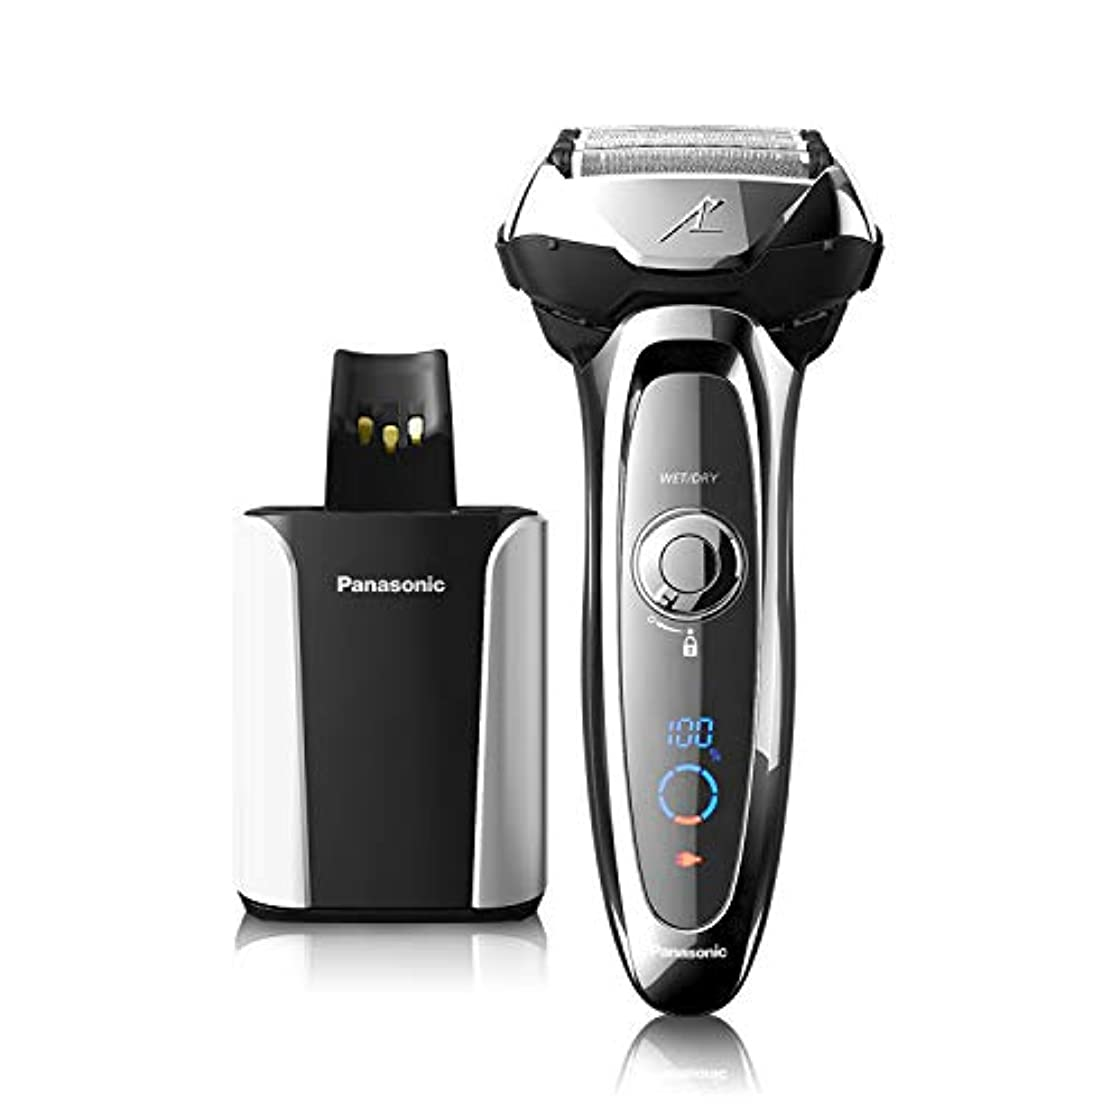 記憶に残るコジオスコすずめPanasonic ES-LV95-S Arc5 Wet/Dry Shaver with Cleaning and Charging System(US Version, Imported)